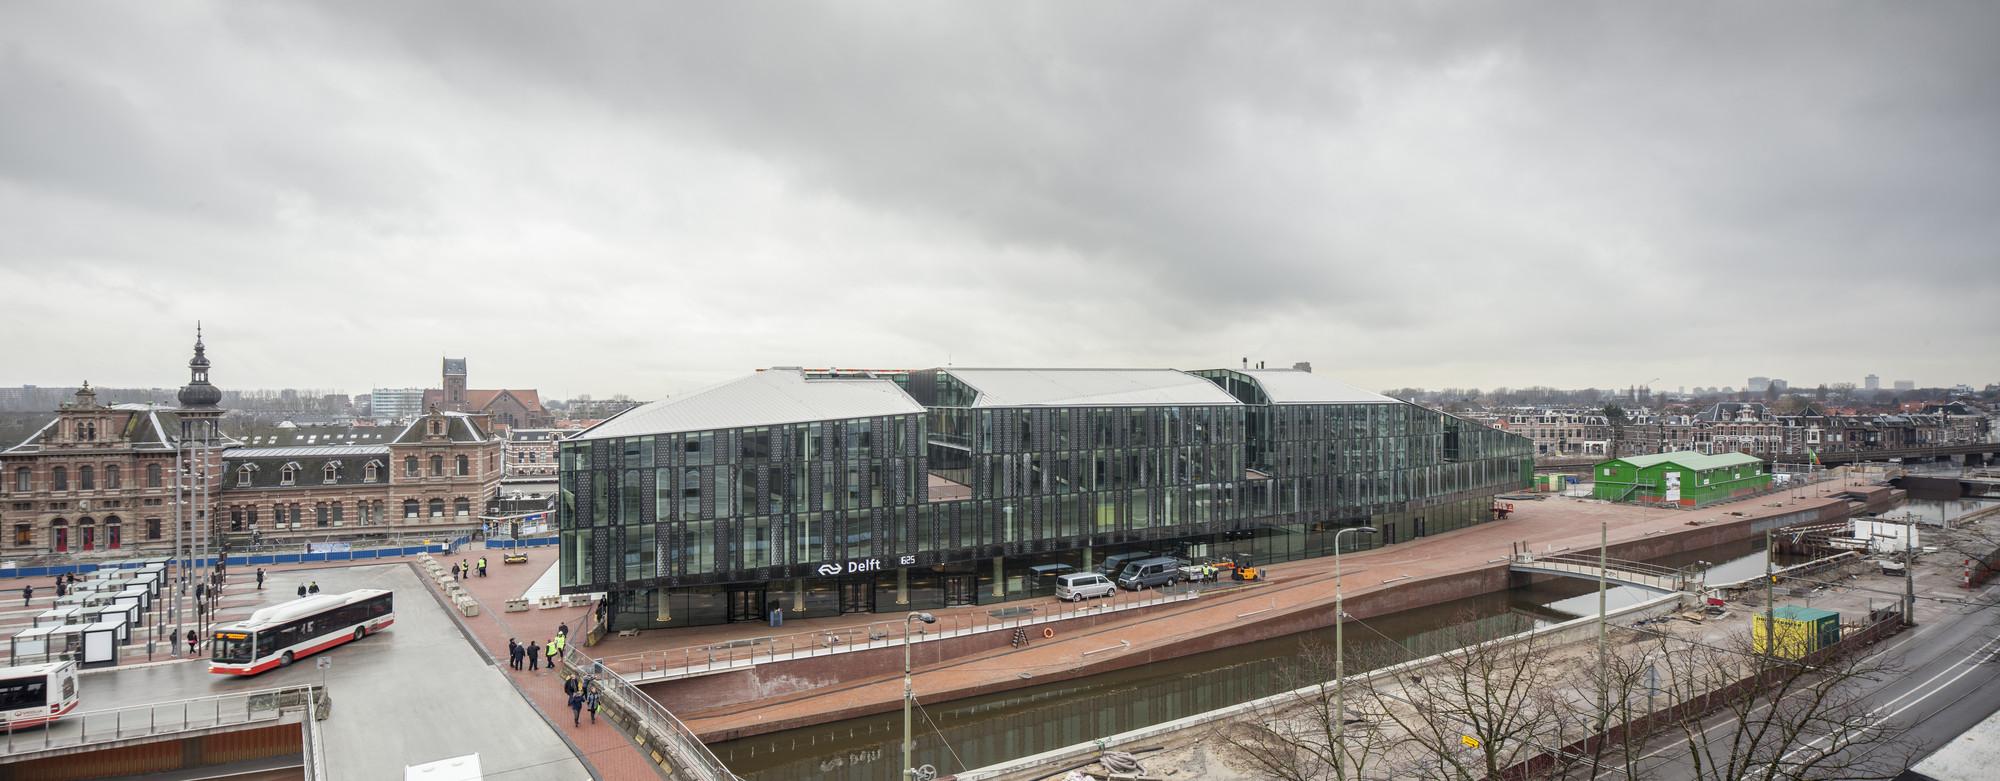 Todo ell complejo de ayuntatiento y estación abrirán en el 2017. Imagen © Harry Cock